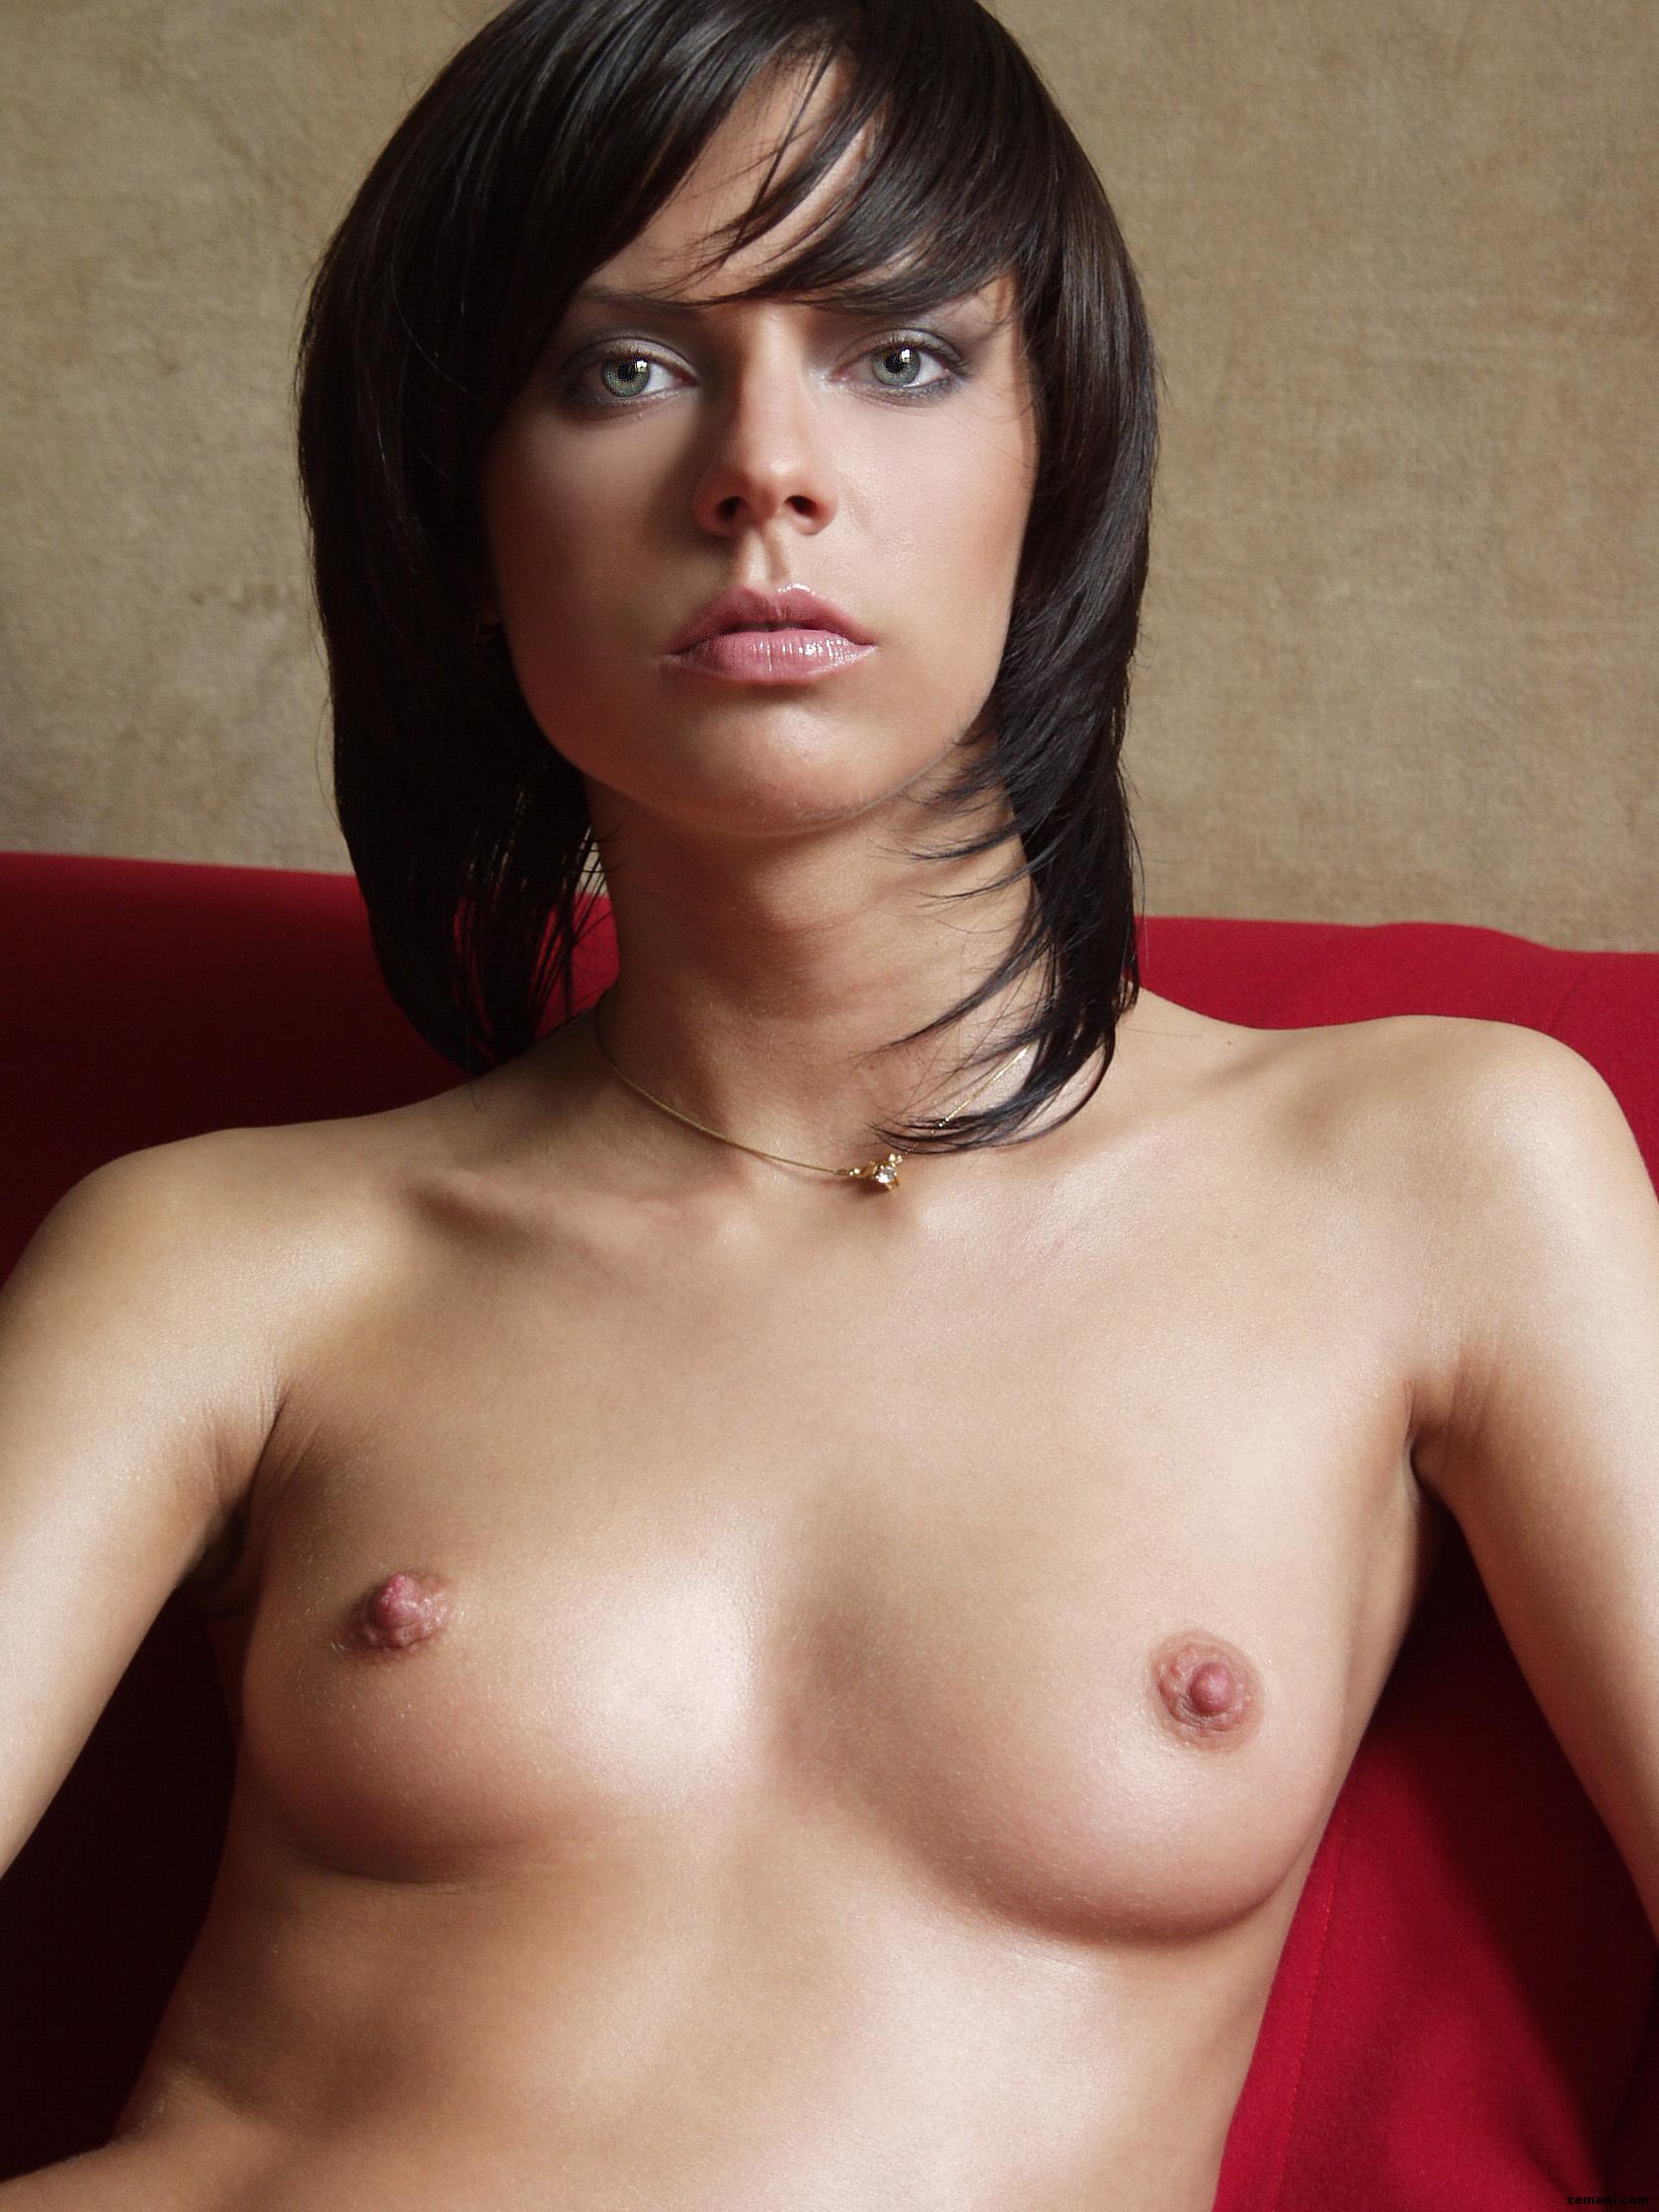 Плоская грудь голая96